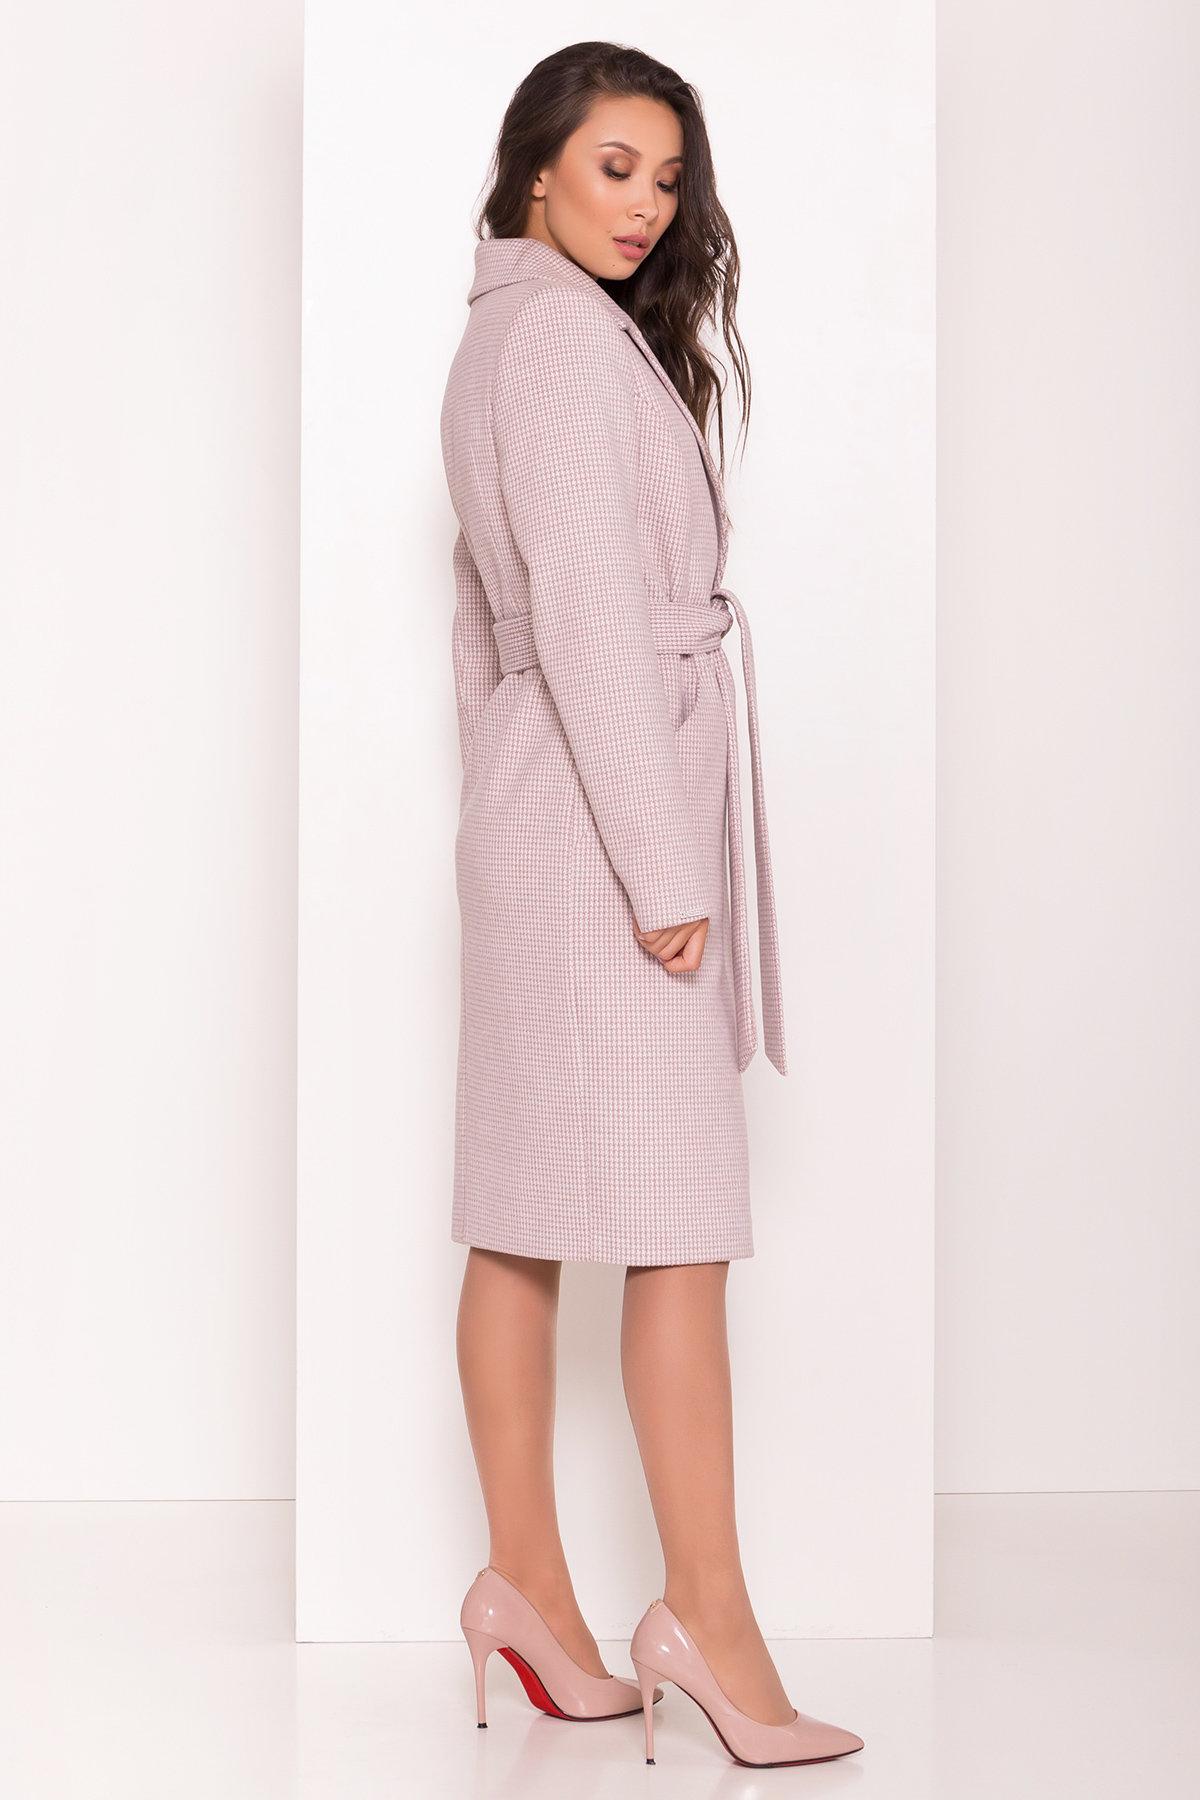 Стильное женское пальто с принтом Мехико 7831 АРТ. 43714 Цвет: Гусиные лапки/беж/молоко - фото 2, интернет магазин tm-modus.ru